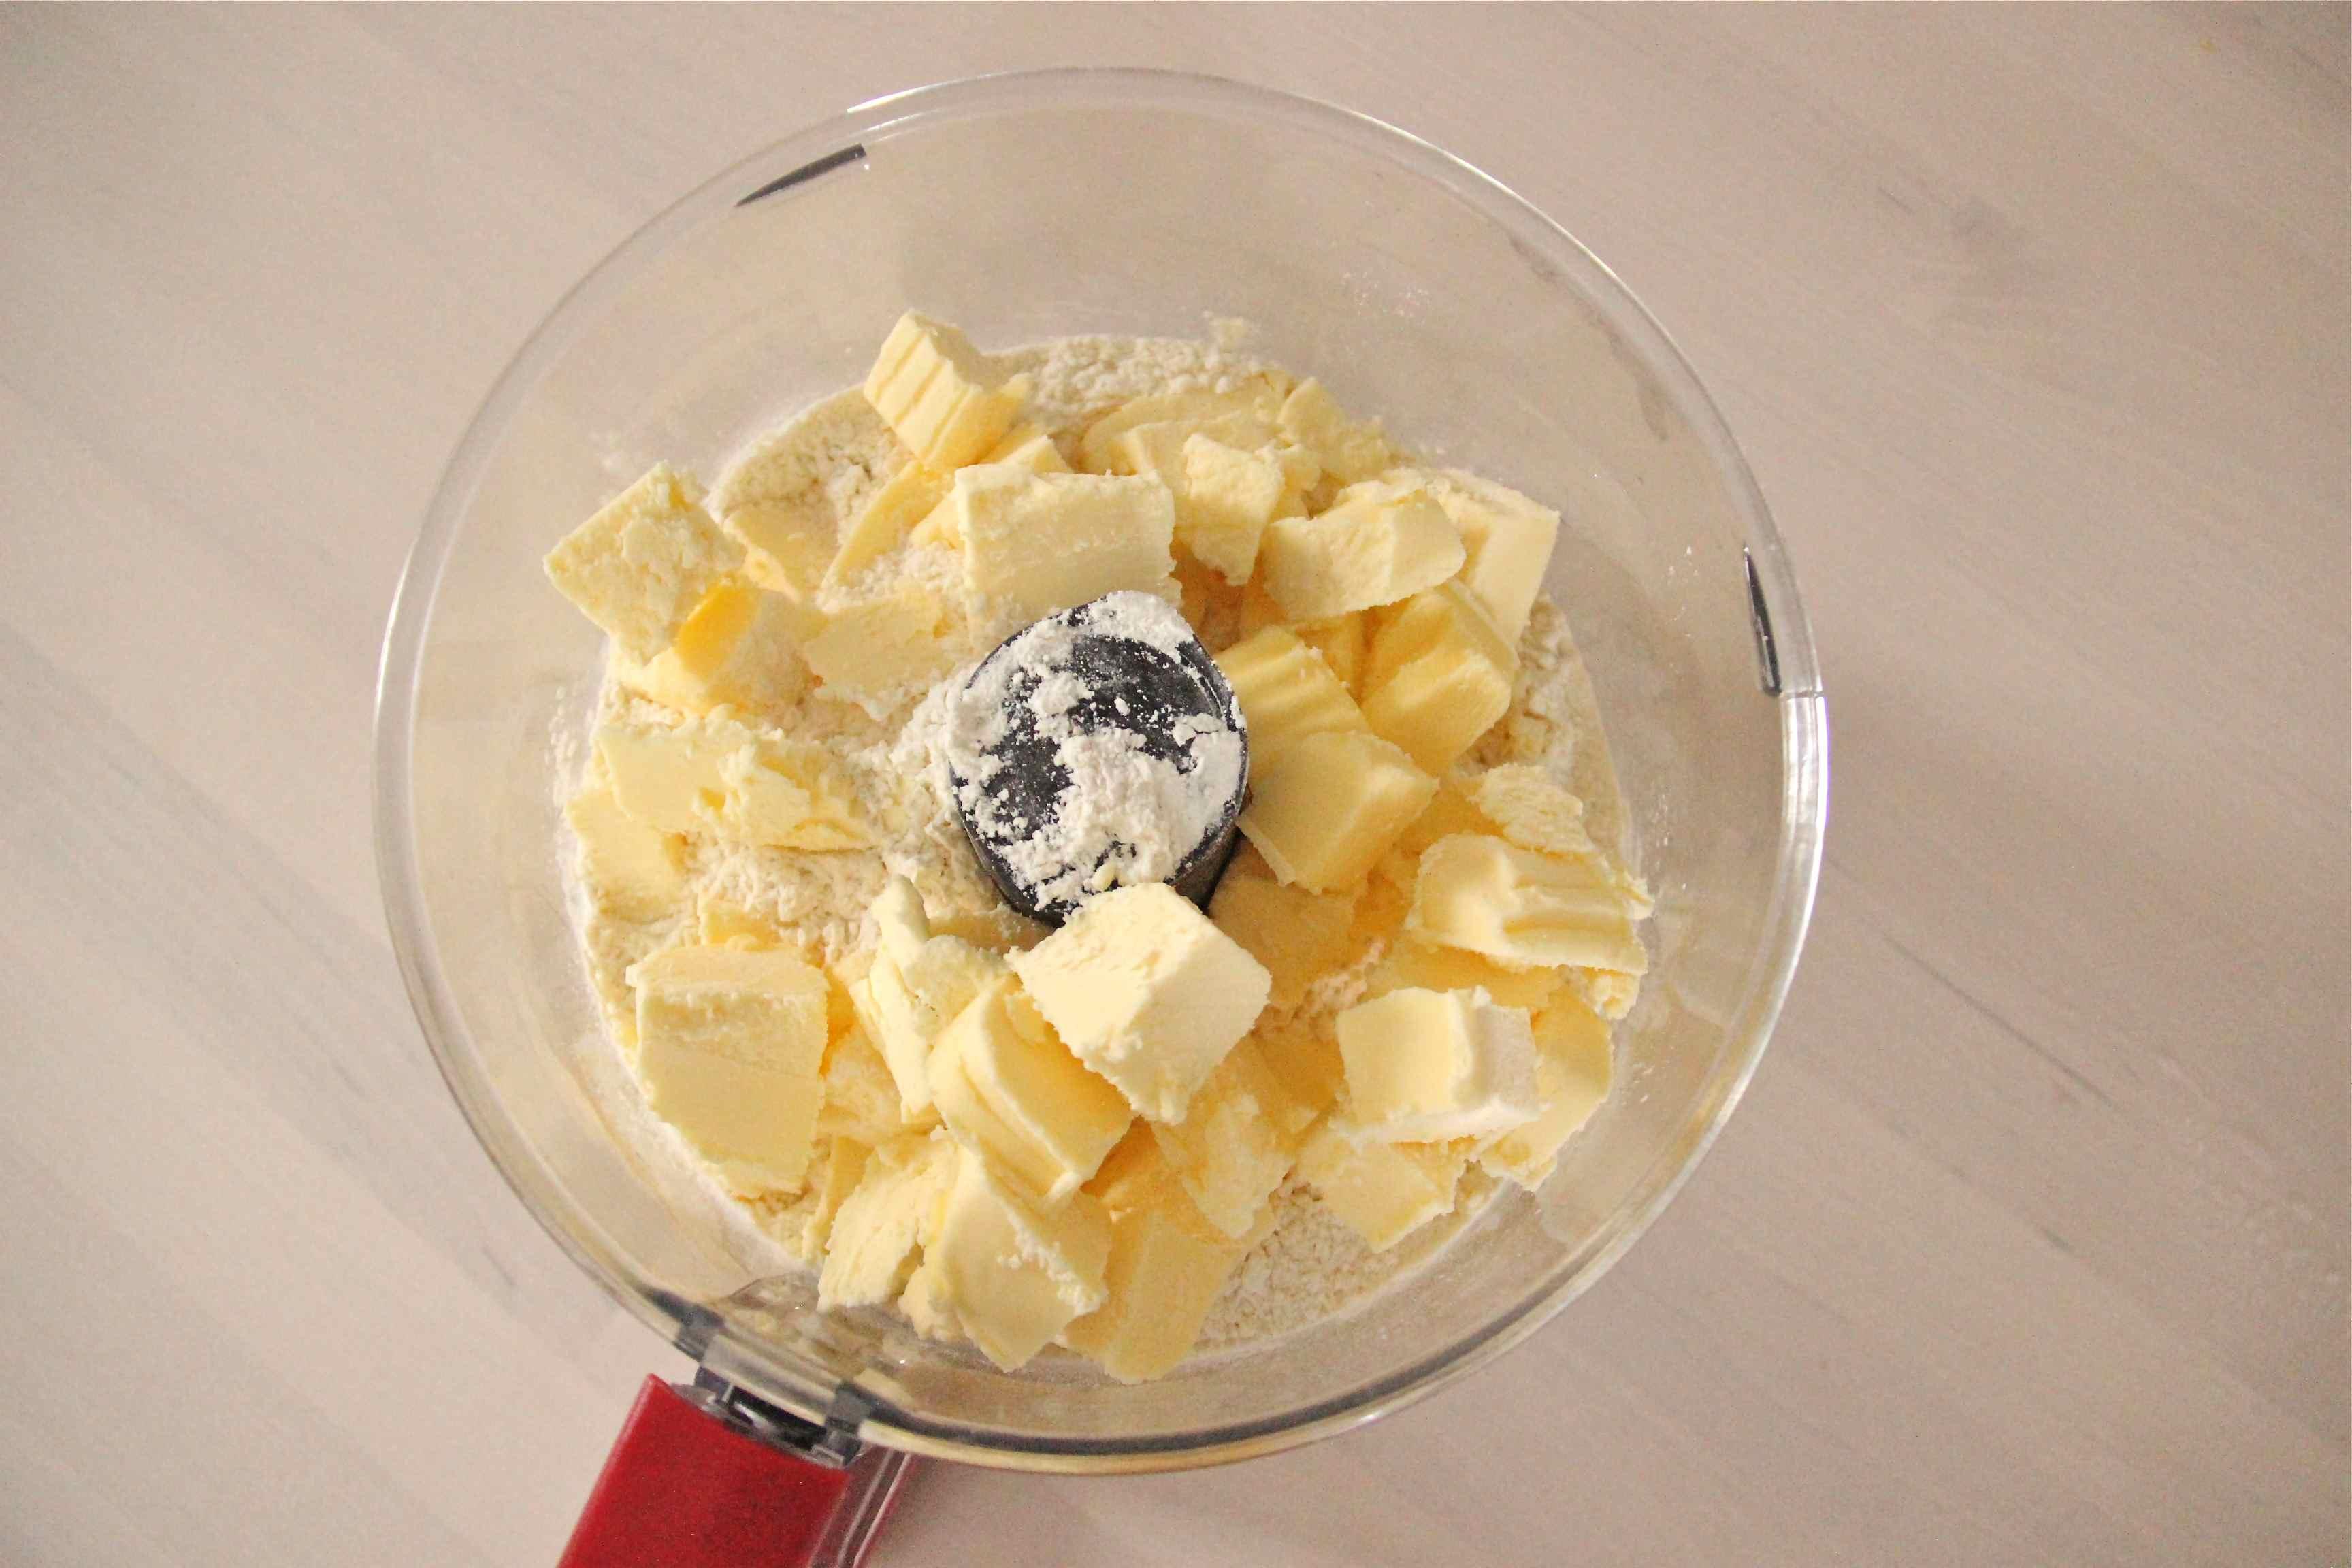 Beurre congelé pour détrempe de pâte feuilletée express